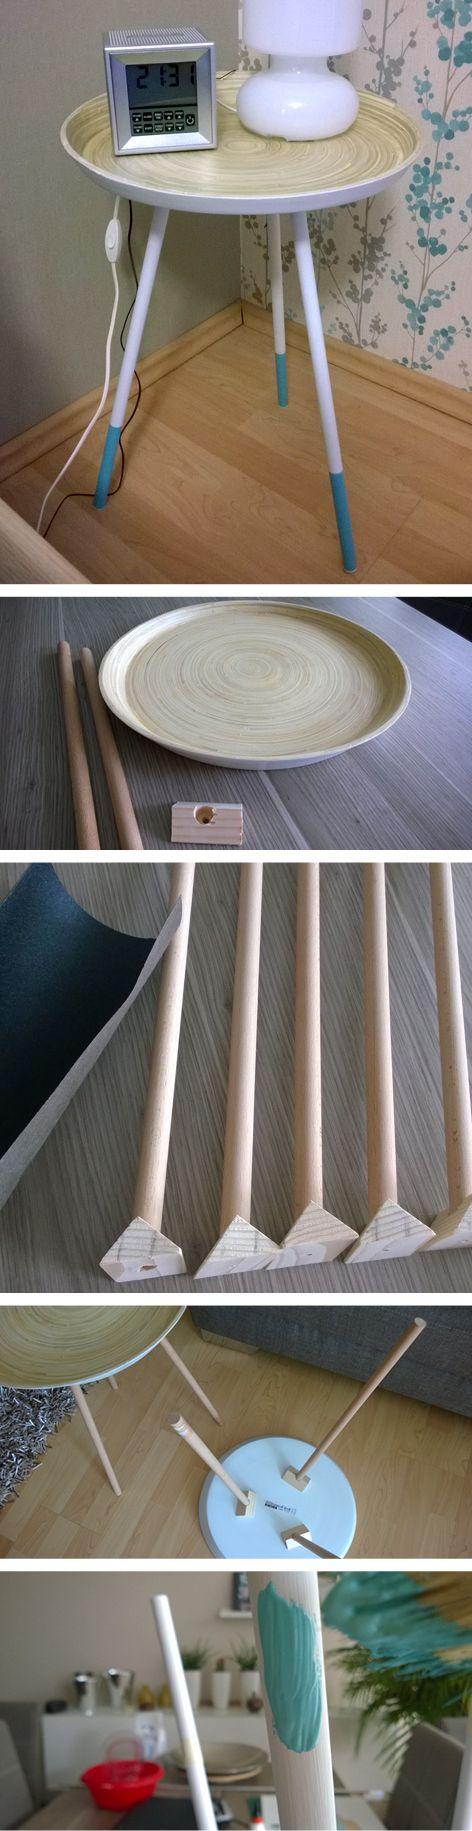 Stunning IKEA hack DIY Nachttisch Beistelltisch aus IKEA Schale Vin ger I DIY nightstand made